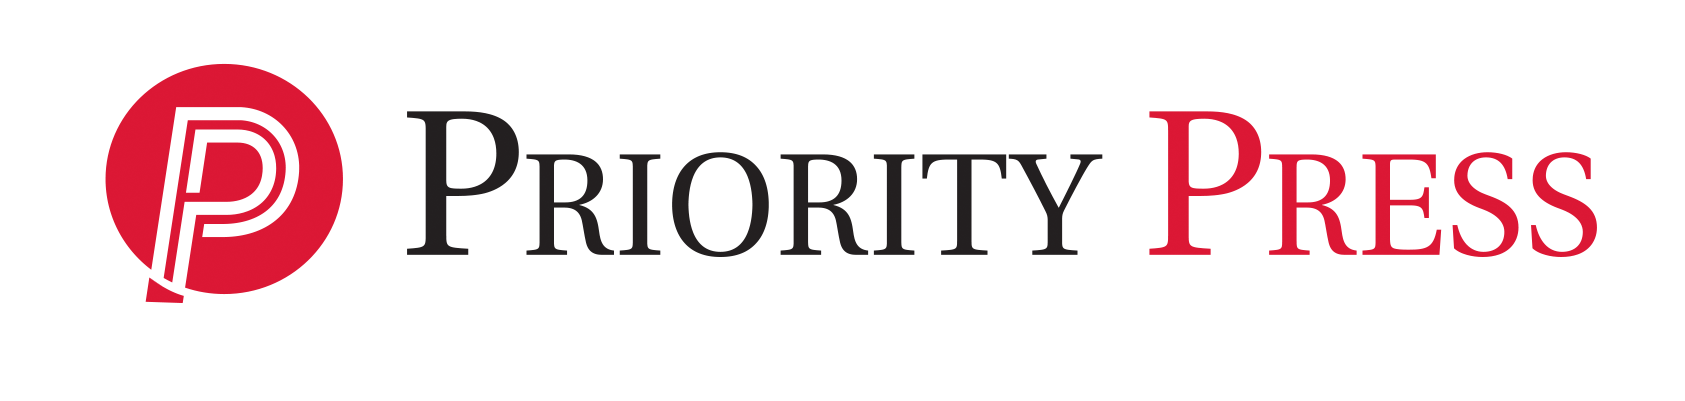 Priority Press